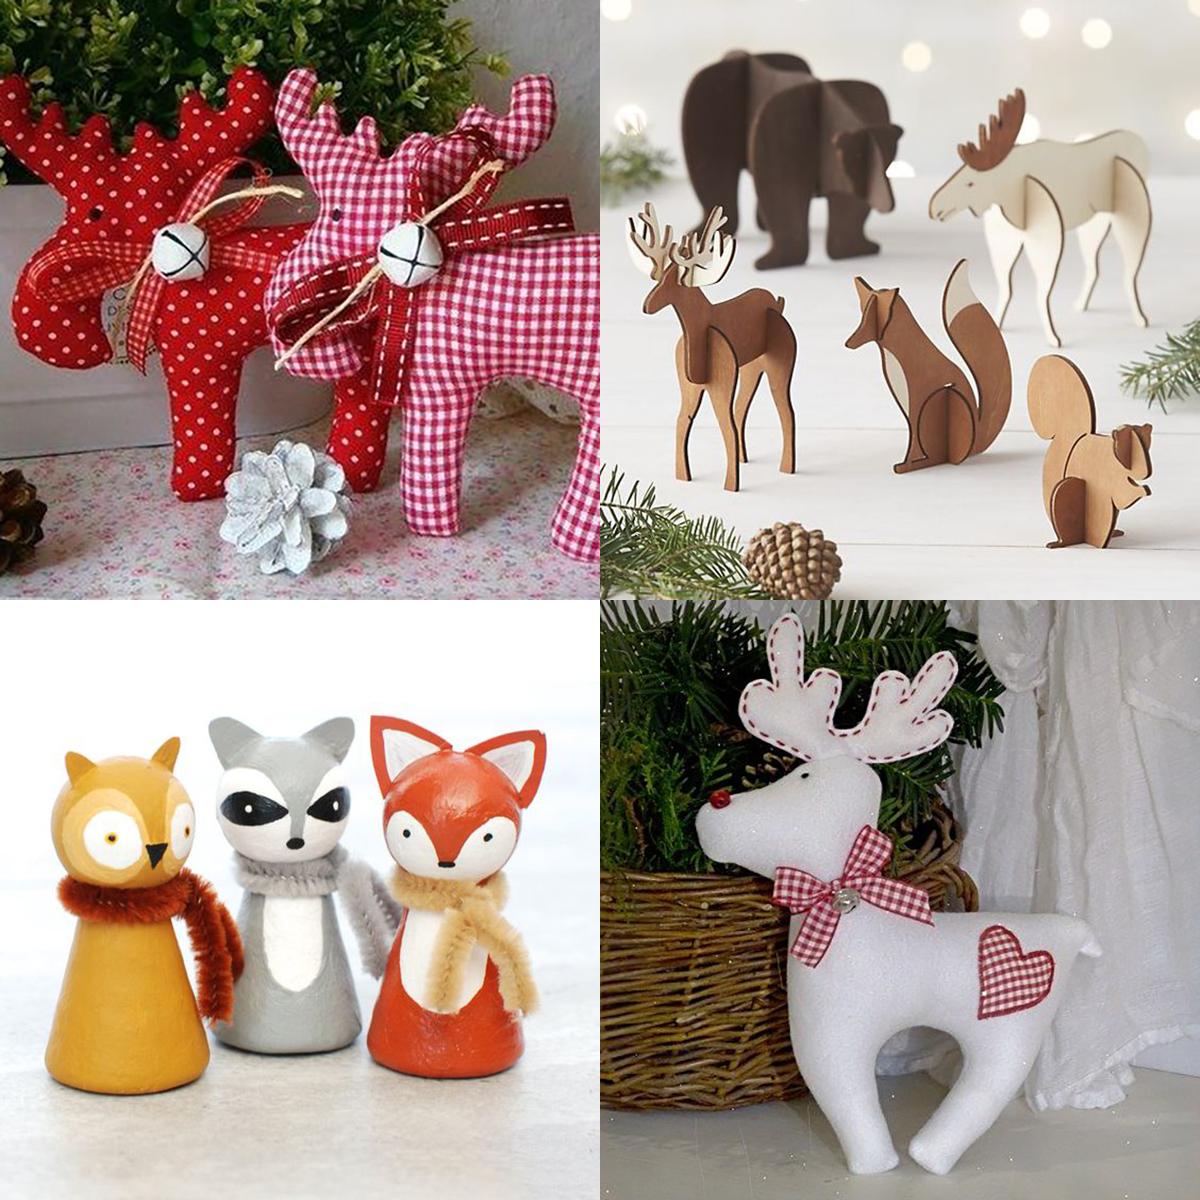 Ispirazioni natalizie: decorazioni a forma di animale